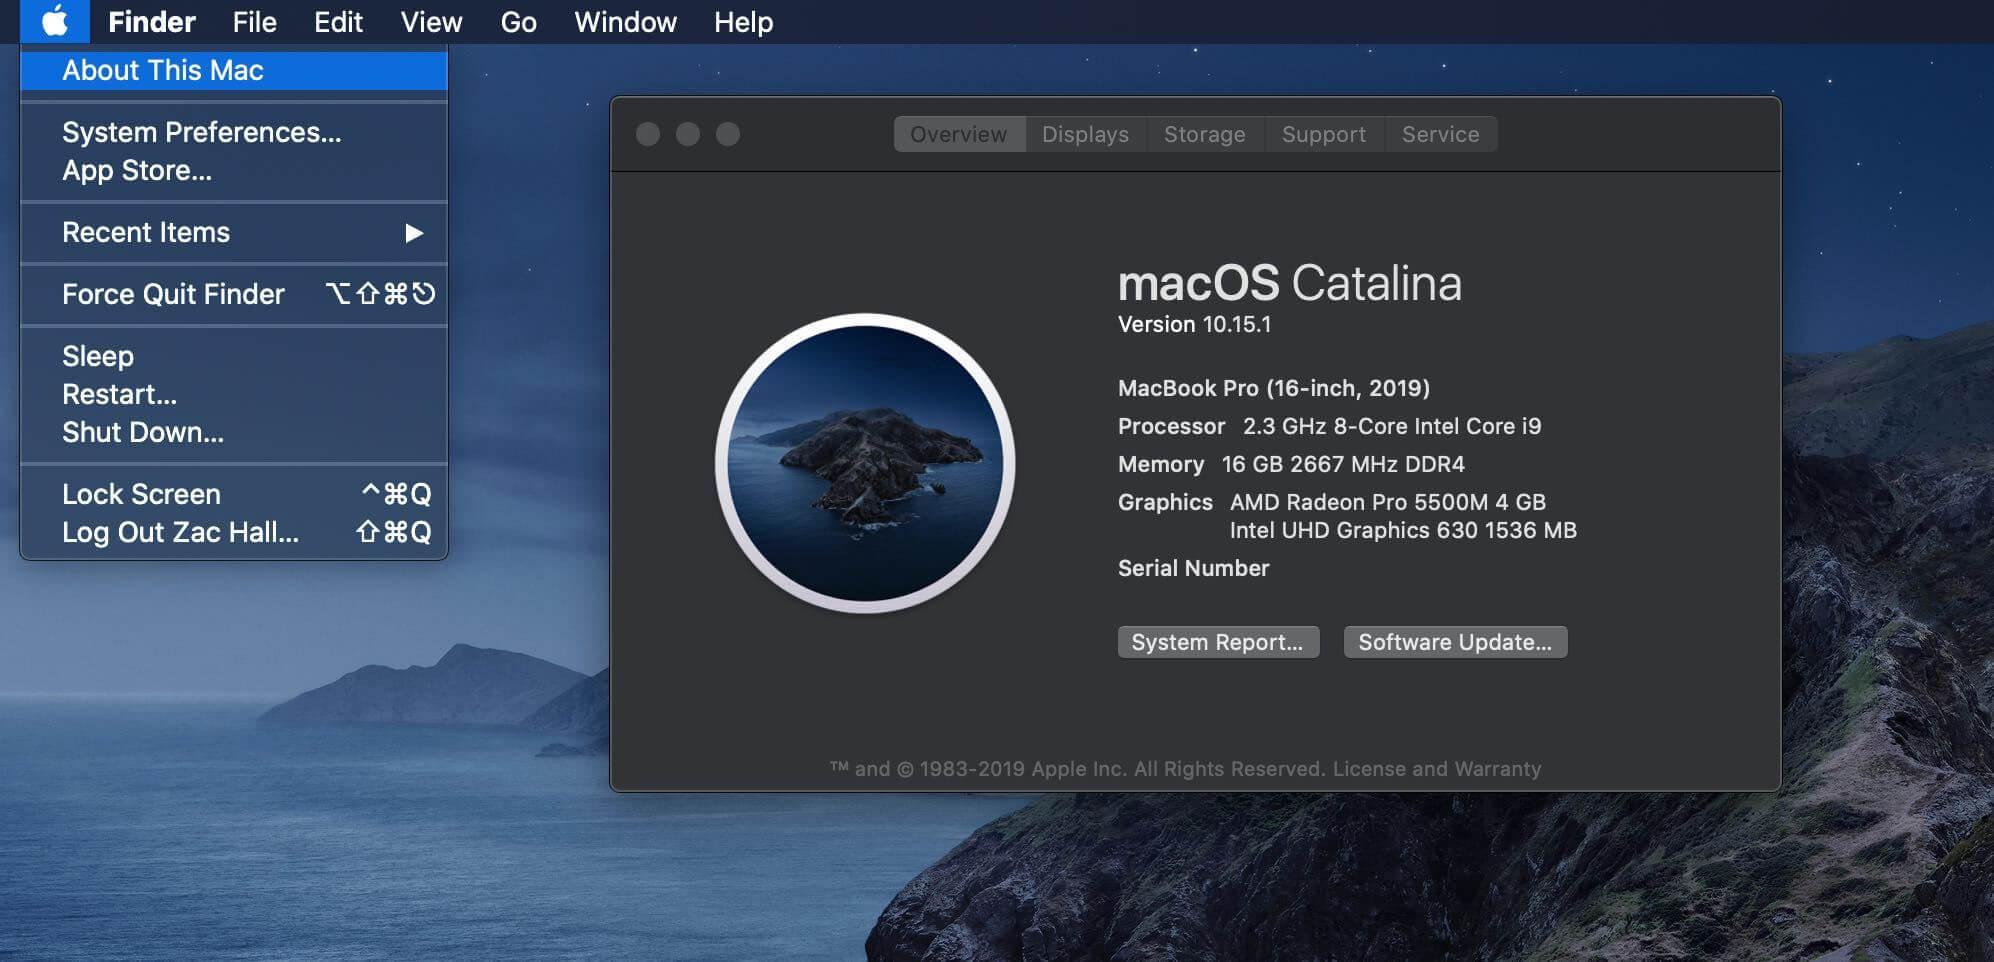 macOS Catalina version